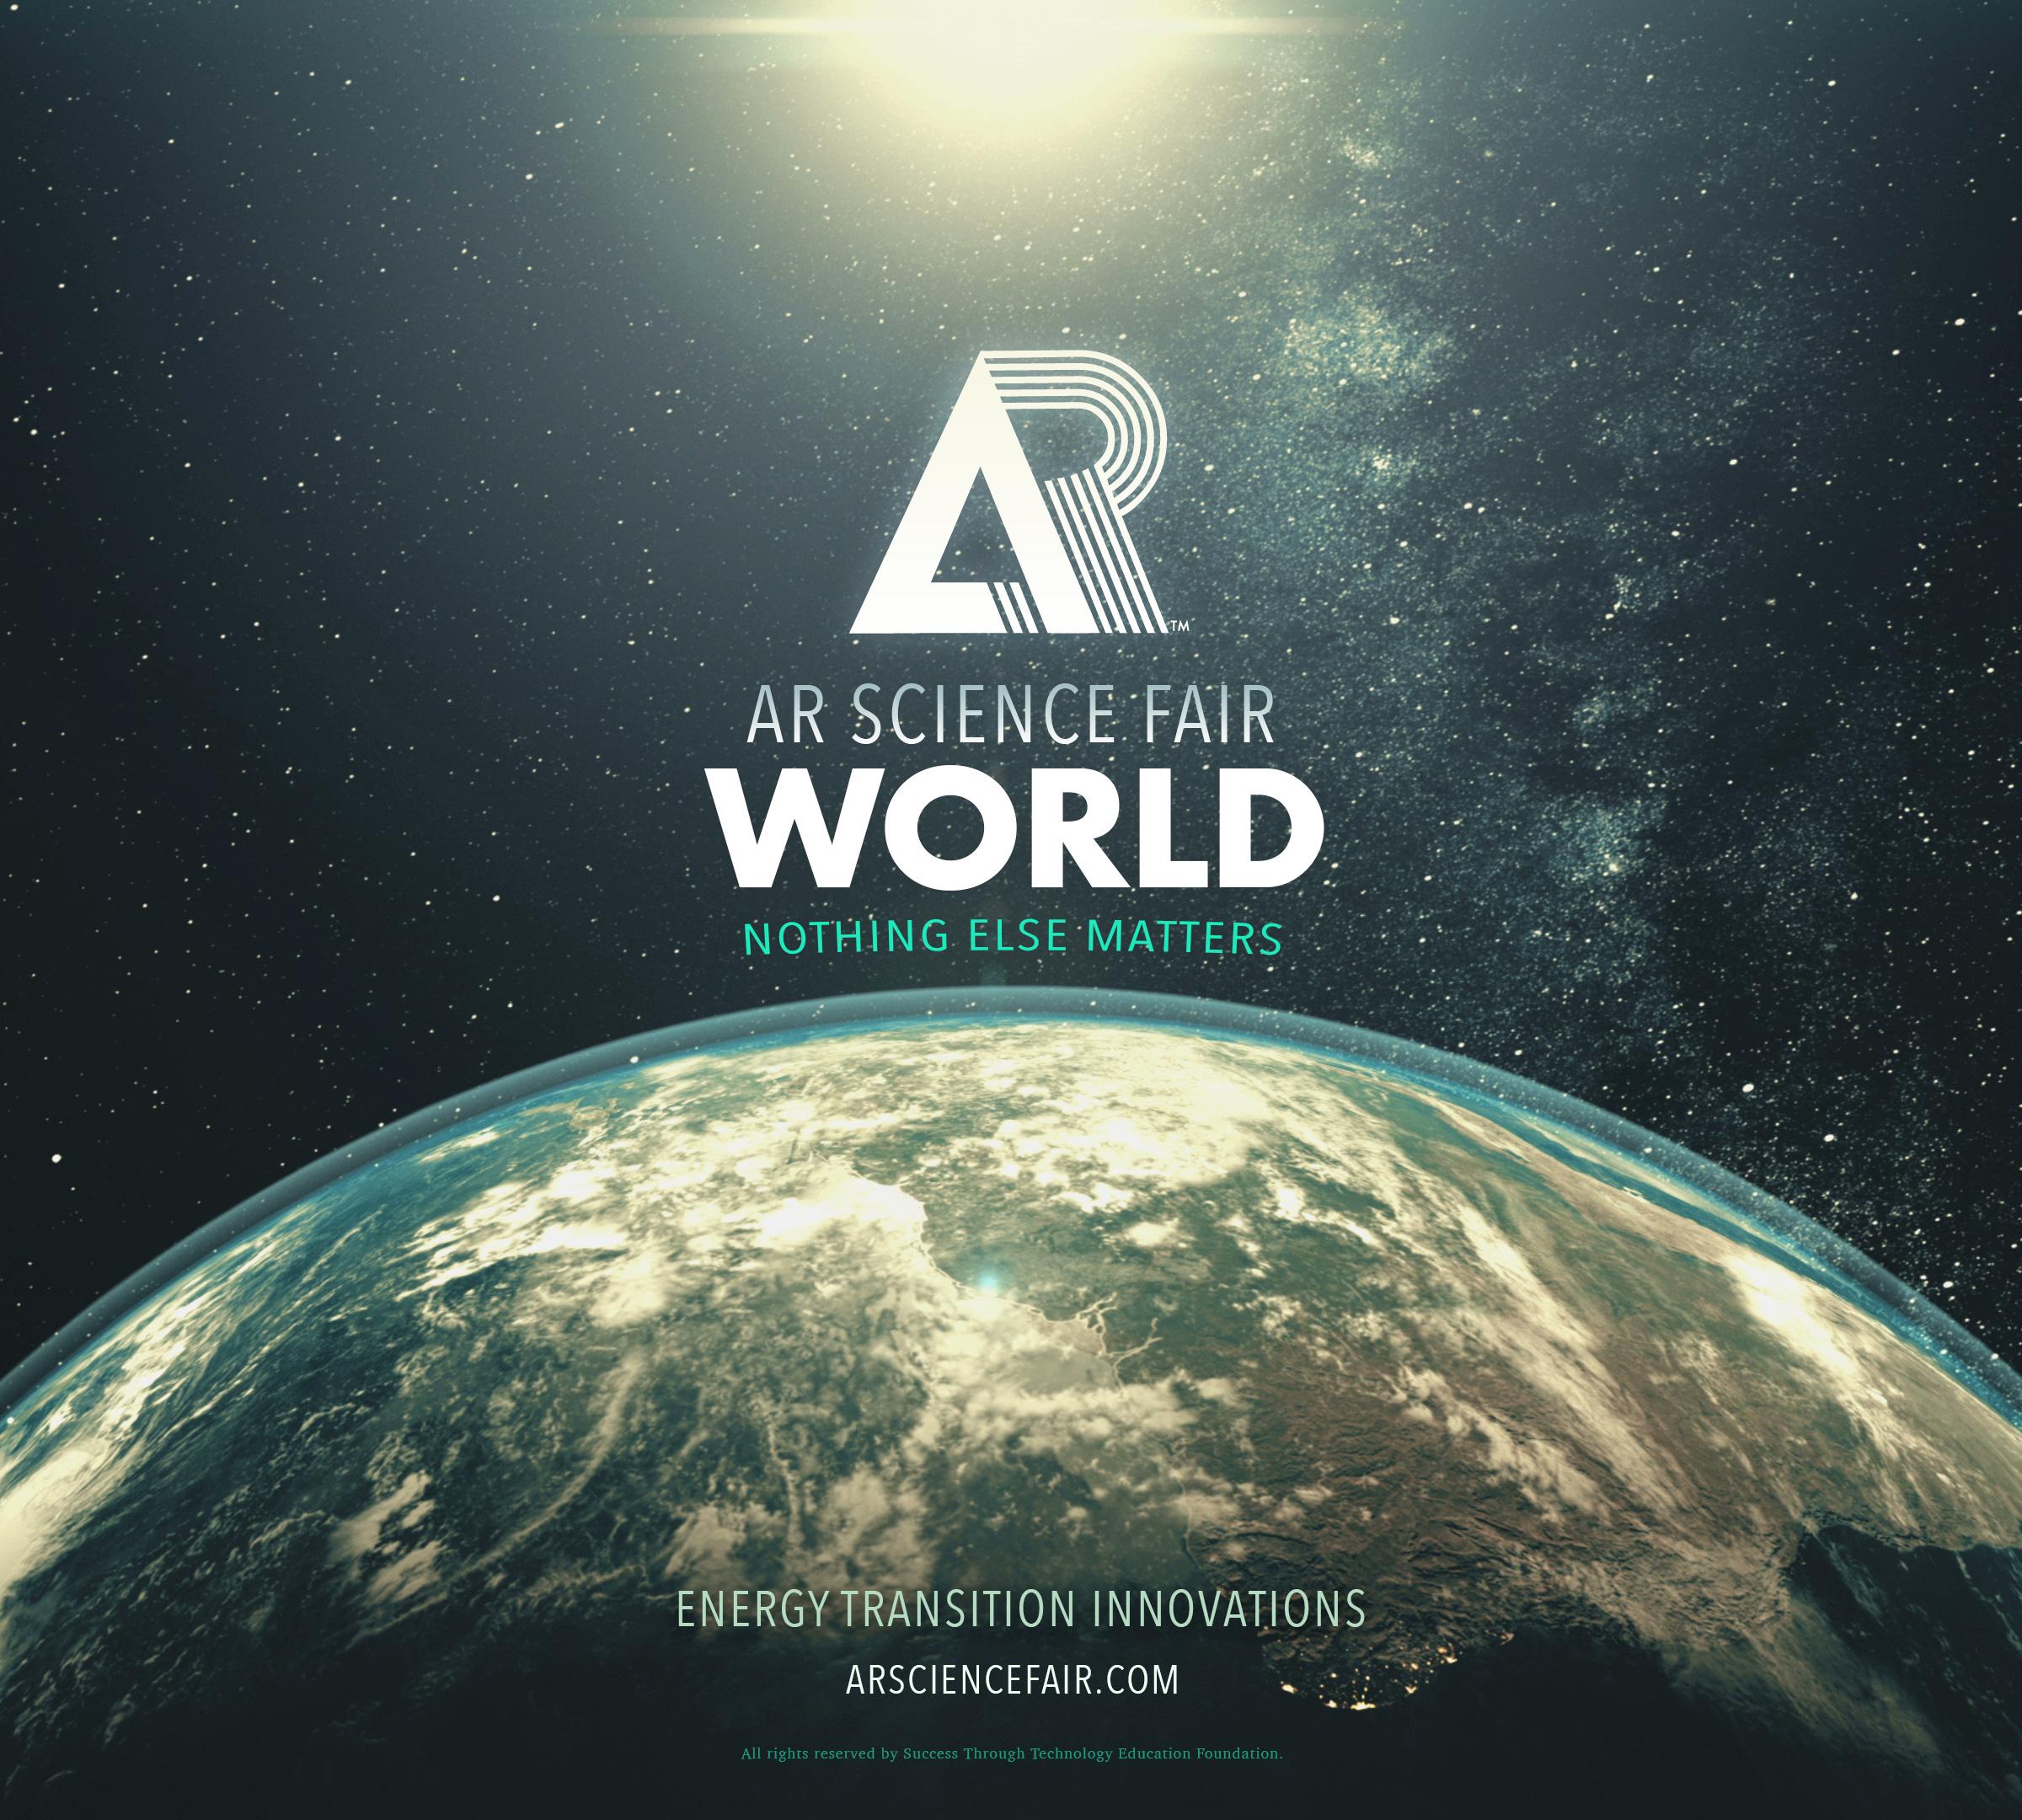 AR Science Fair World